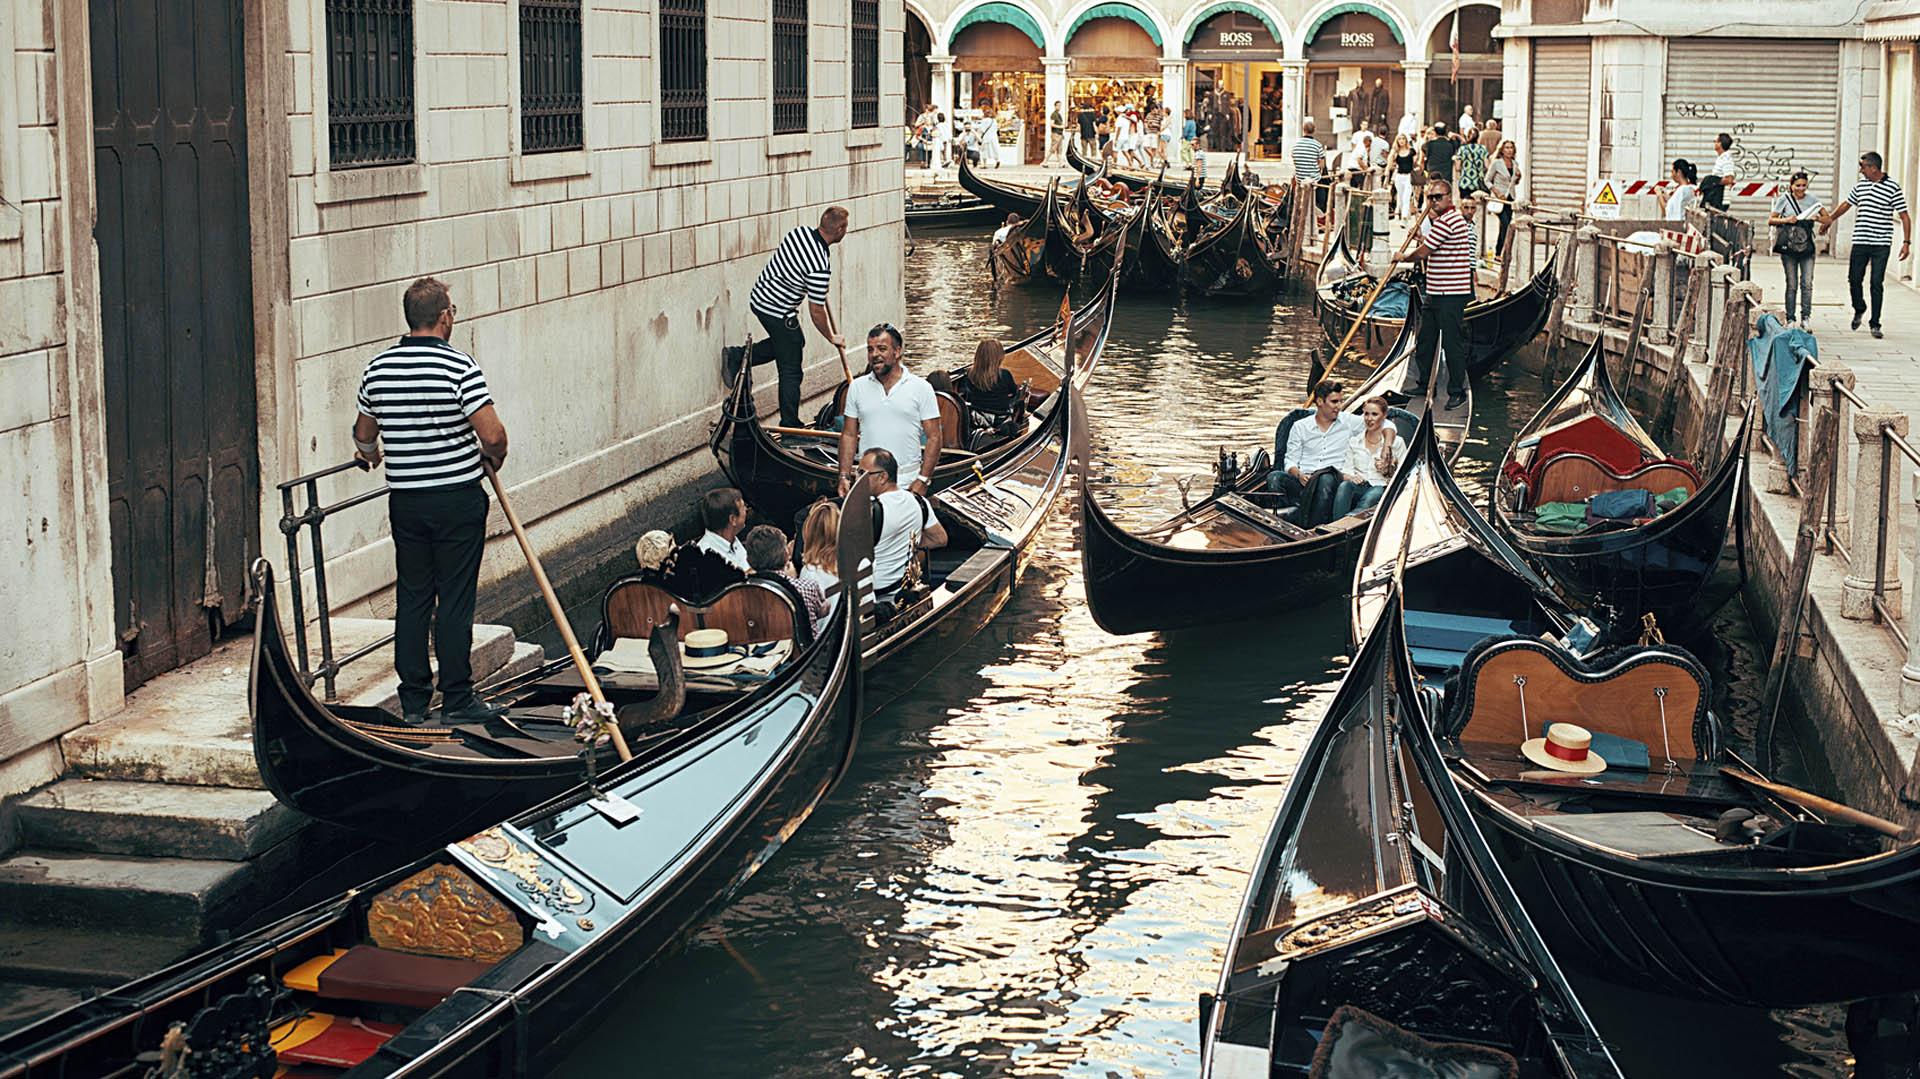 """Cuáles son las medidas que están tomando ciertas ciudades como Venecia para luchar contra el """"turismo excesivo"""" (iStock)"""